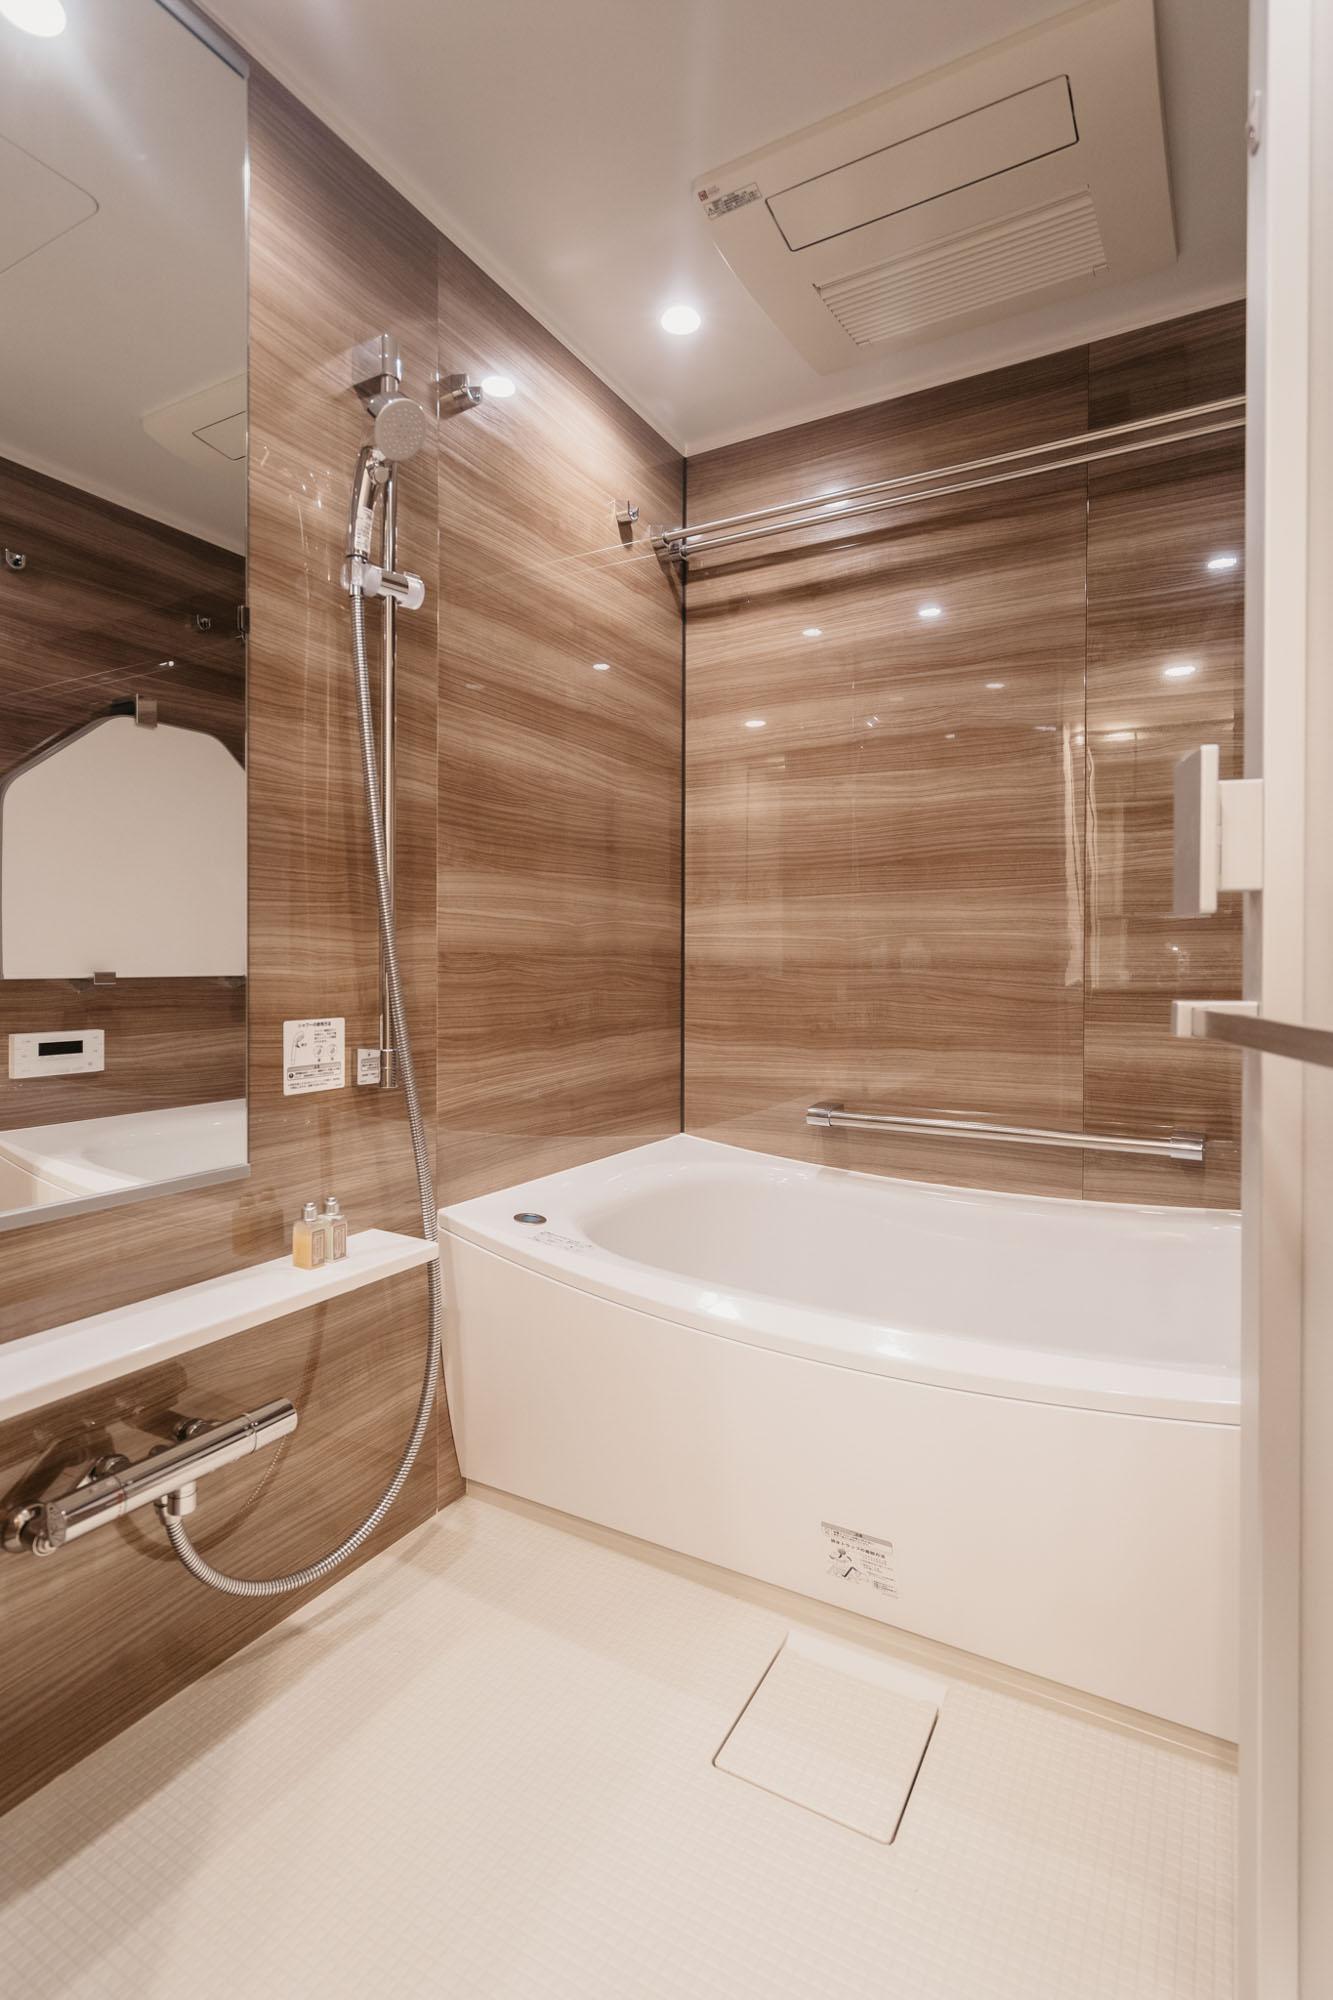 浴槽もとても広いですね。ゆったりとくつろげそう。